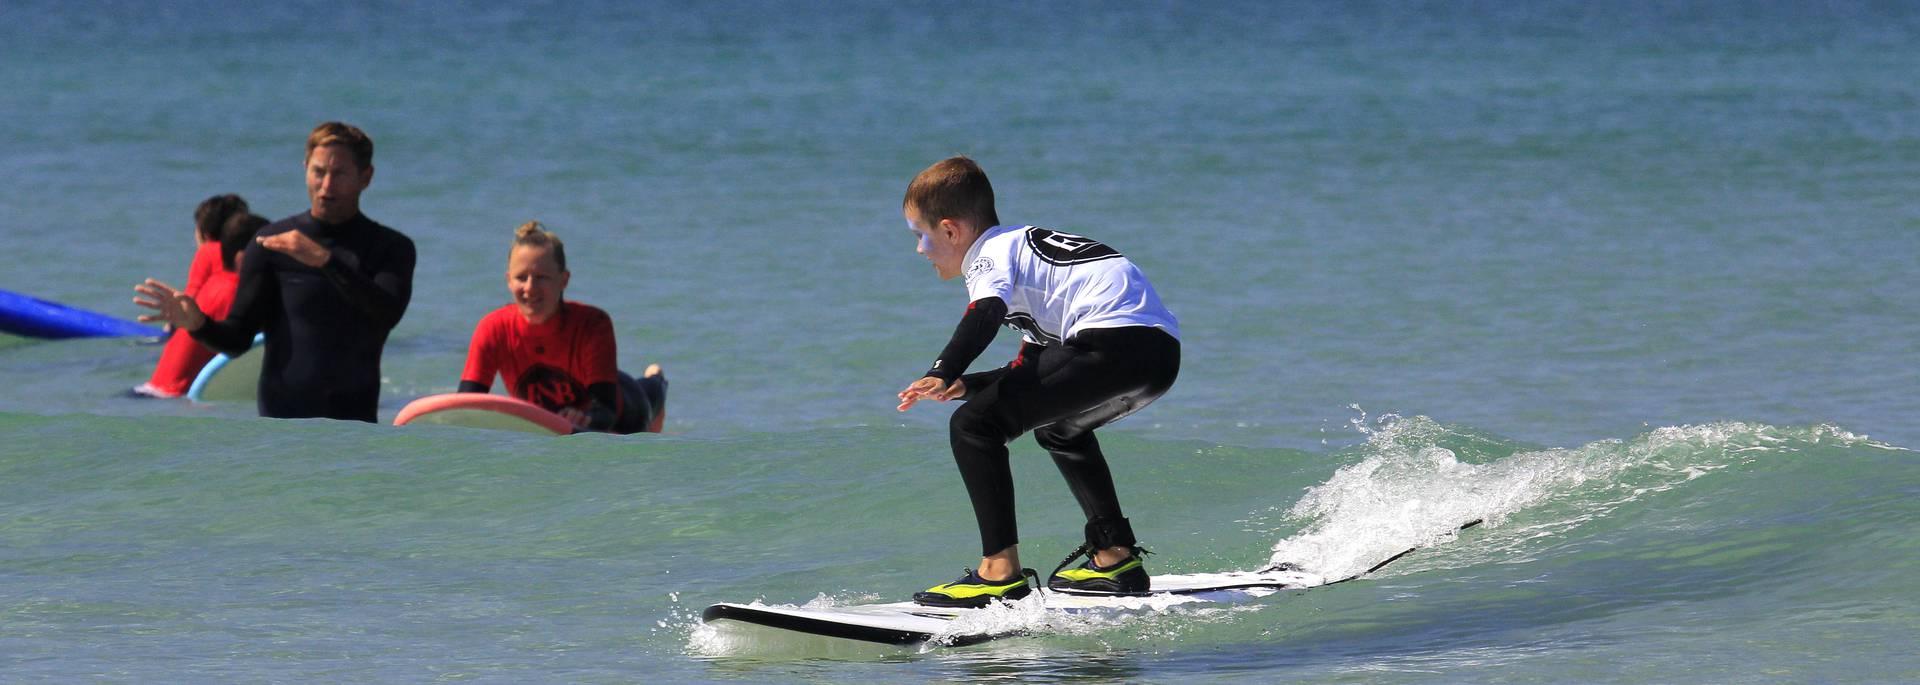 Cours de surf - ©ESB Penhors